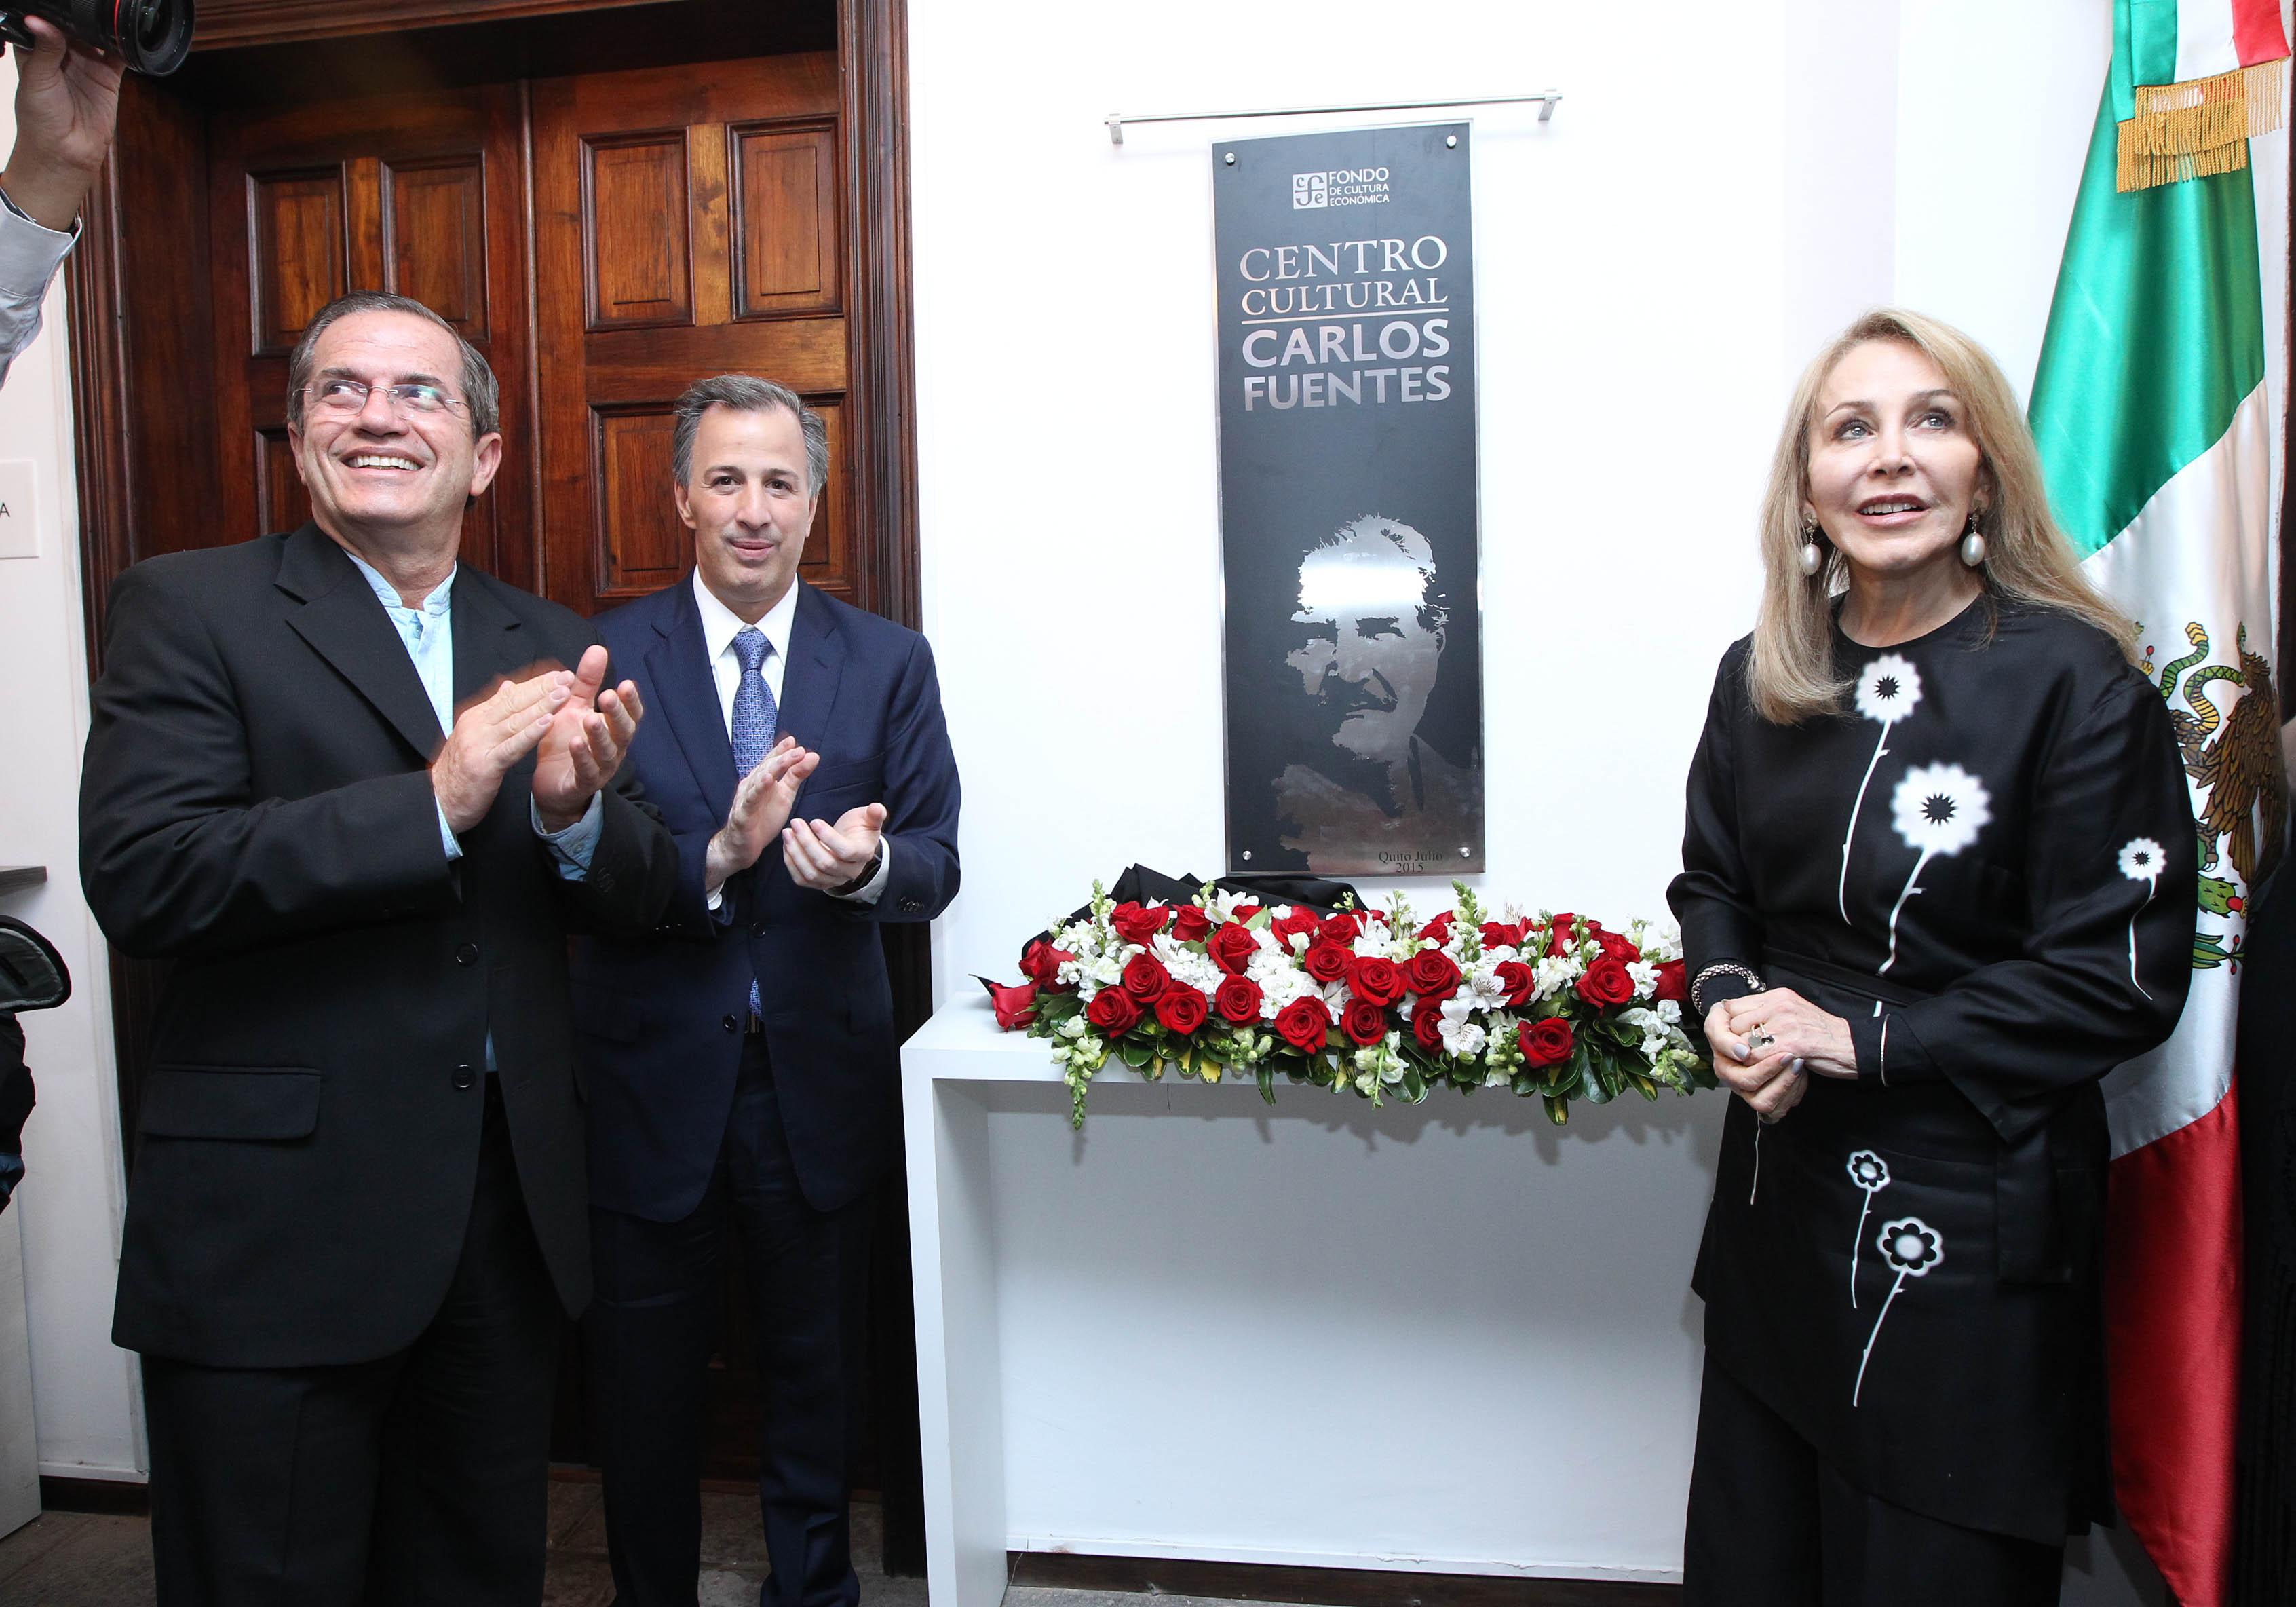 FOTO 3 Ministro Ricardo Pati o Aroca  el canciller Jos  Antonio Meade y la escritora Sylvia Lemus viuda de Fuentes.jpg